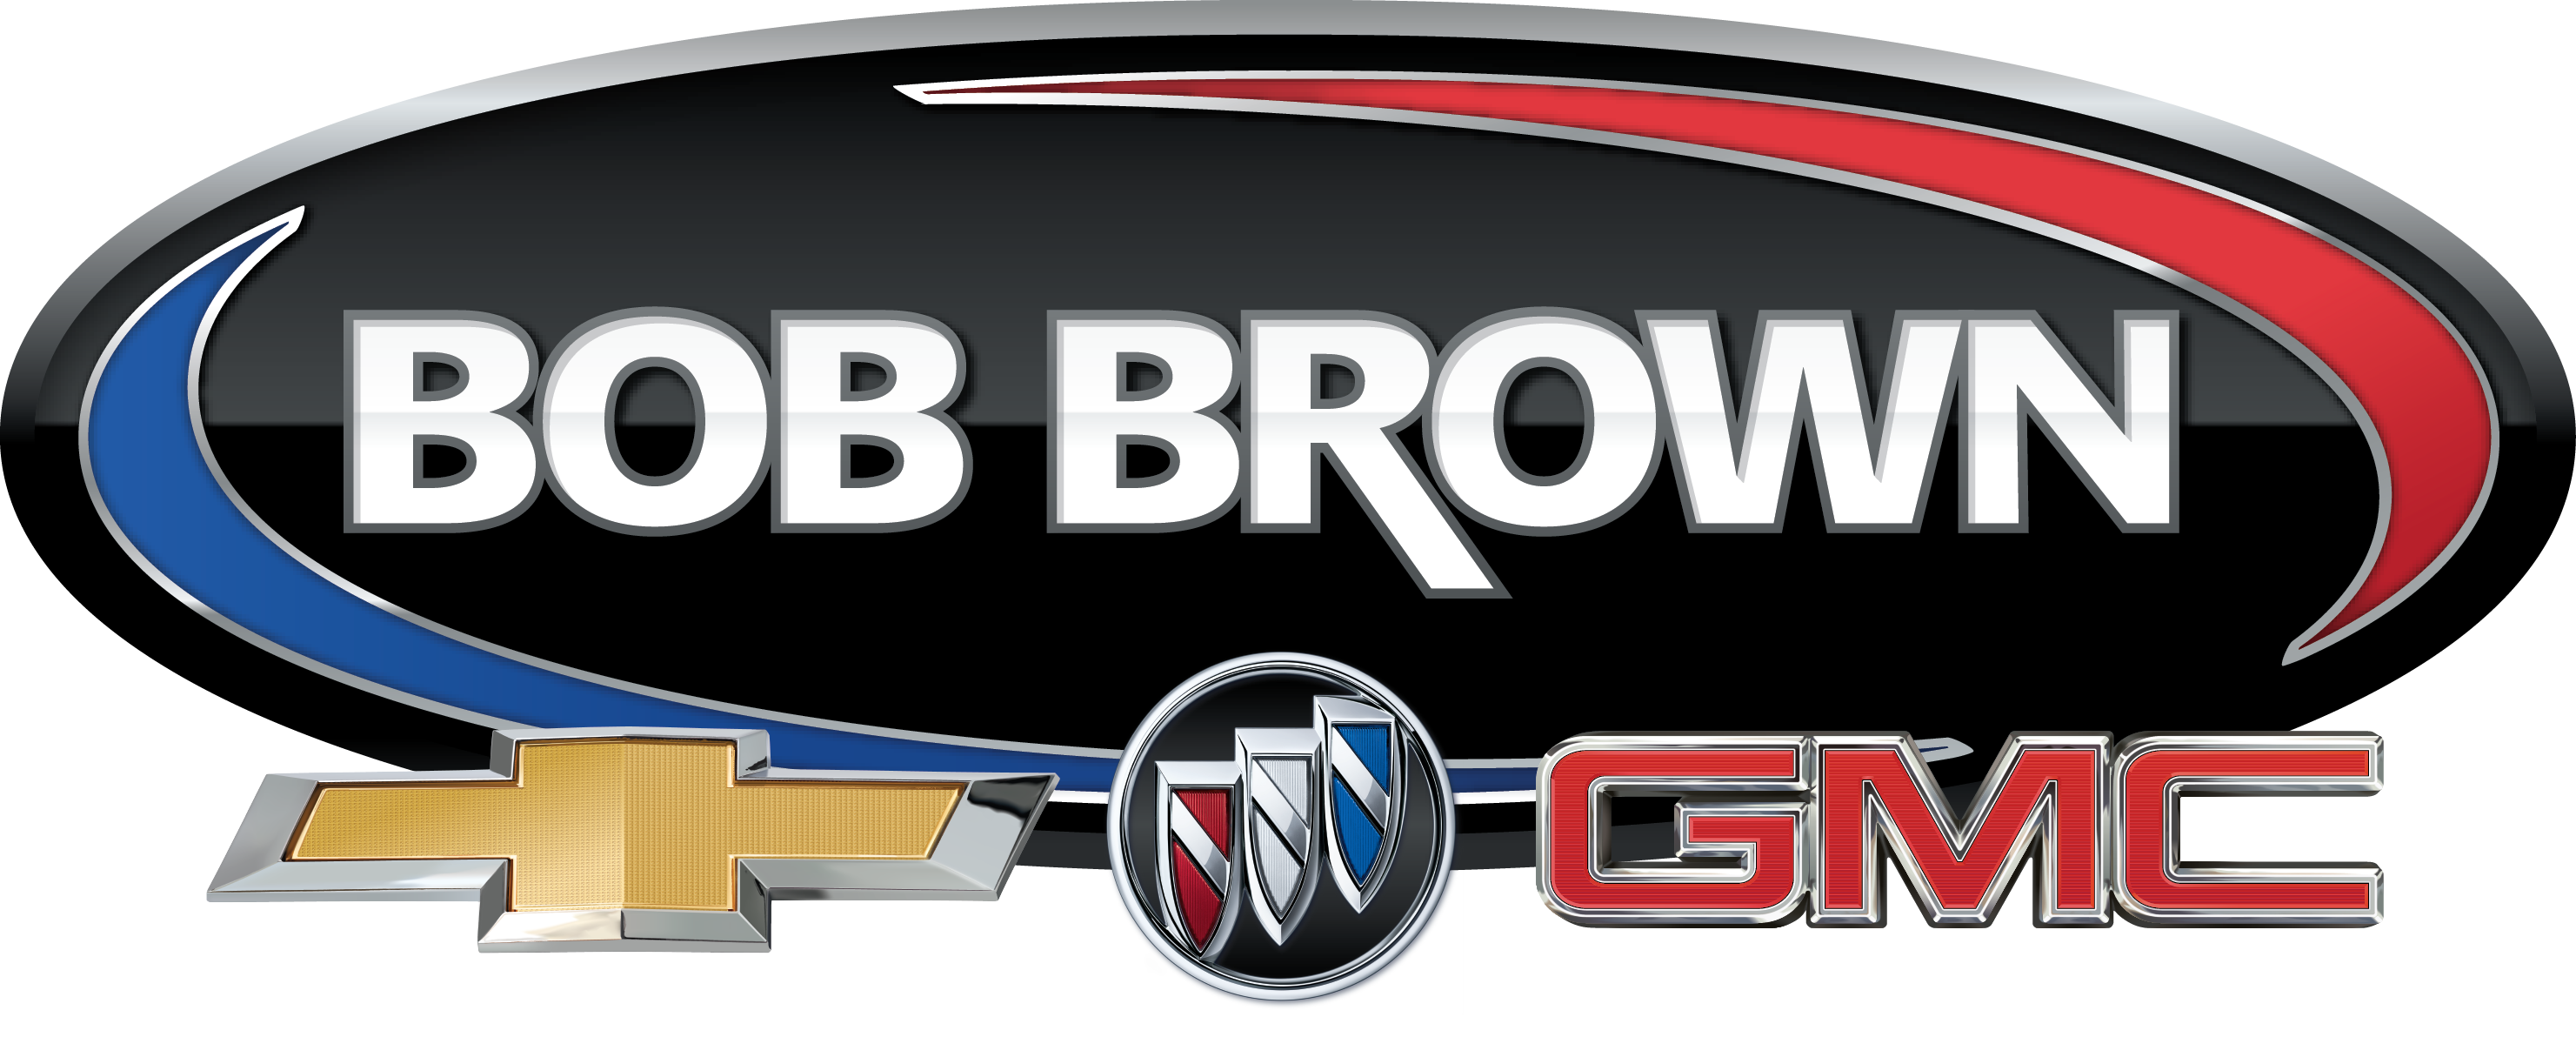 Bob Brown Buick GMC